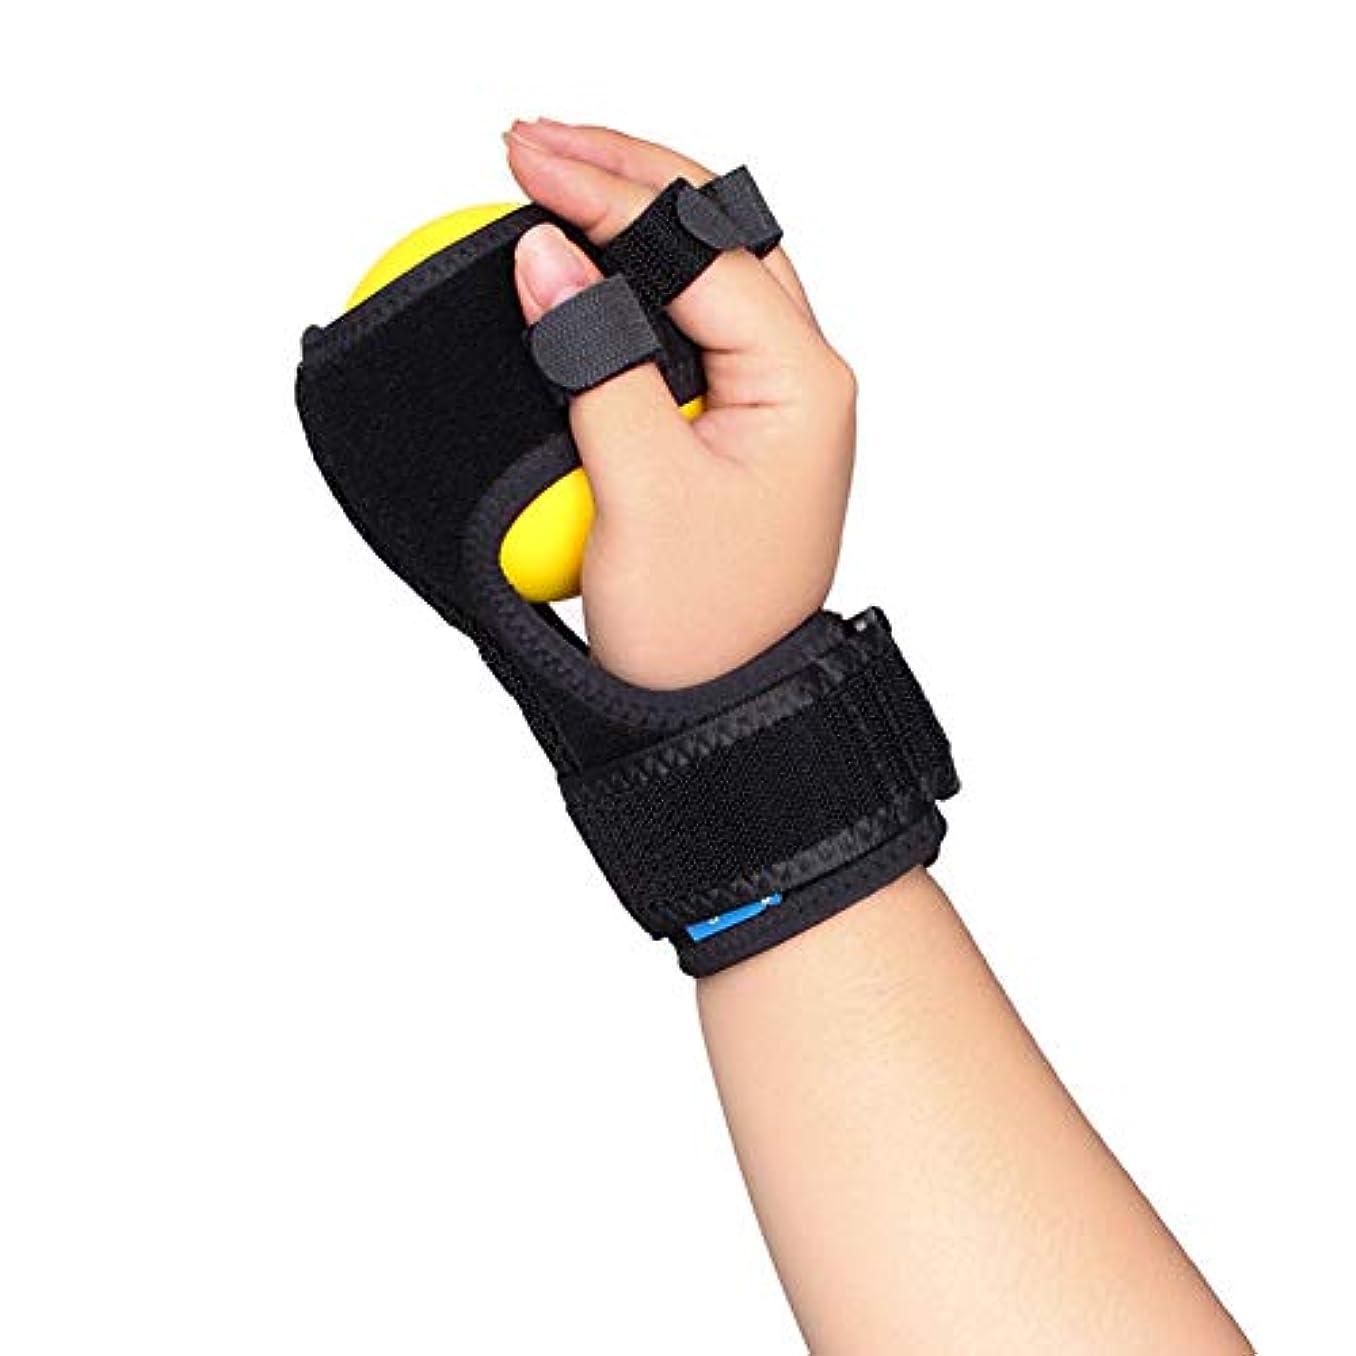 クラッシュ低下植物学者脳卒中リハビリテーション関節炎手袋マレットブレーストリガー指関節炎と靭帯の痛みを軽減するブレースコレクター